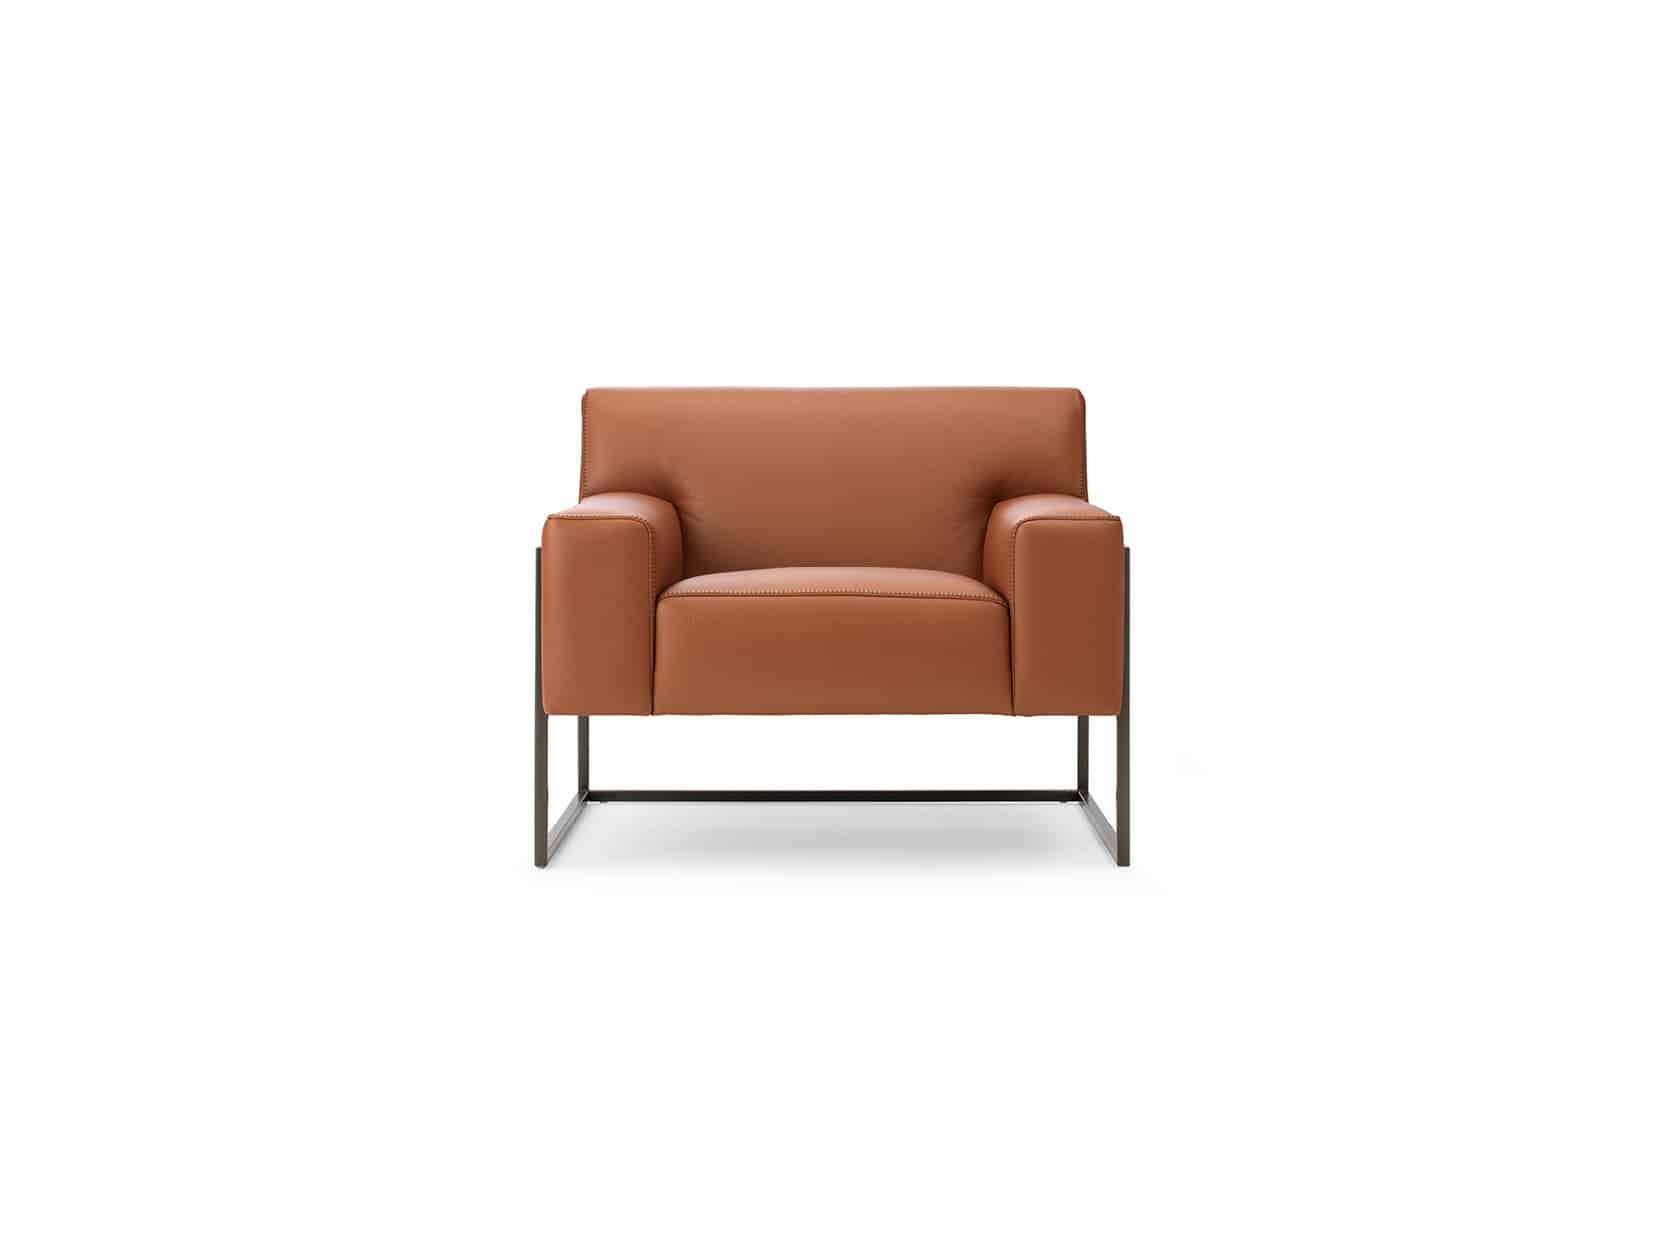 Leolux fauteuil Adartne